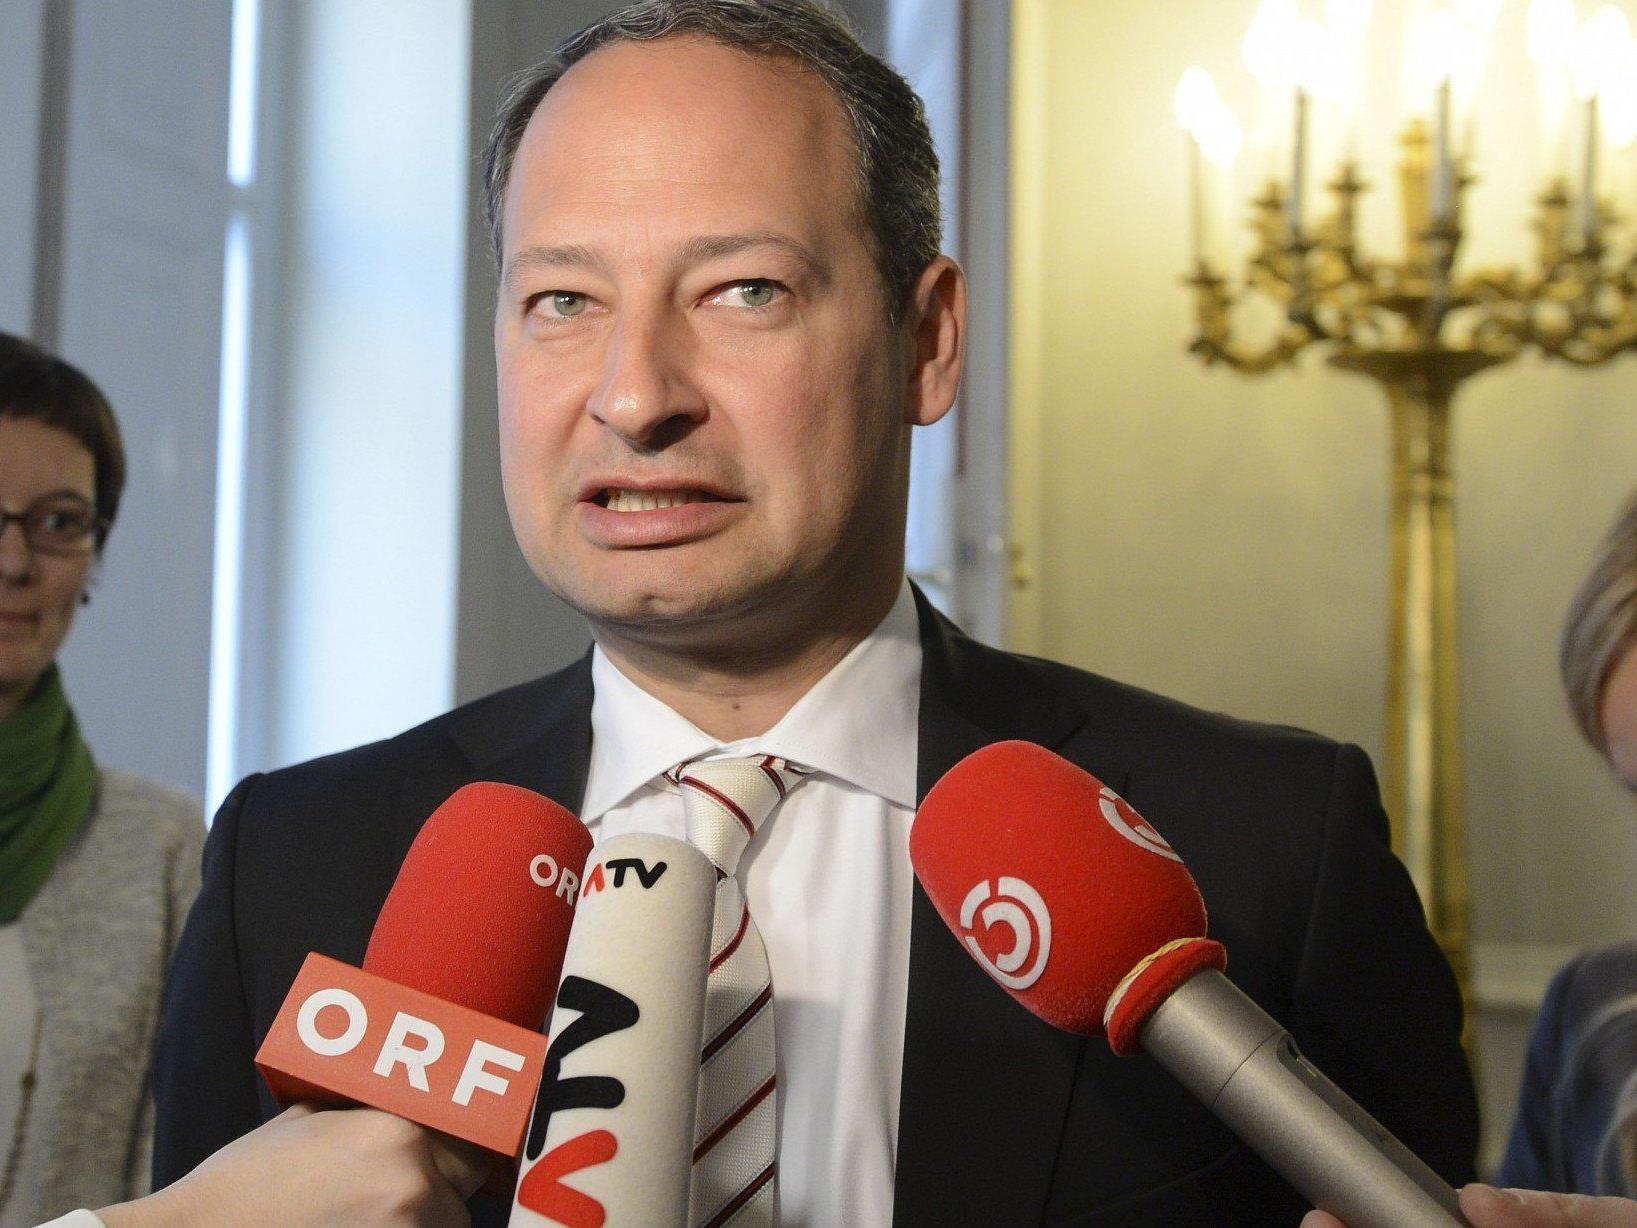 Vor der Nationalratswahl: Andreas Schieder fordert eine Steuerreform zum 1. Jänner 2015.